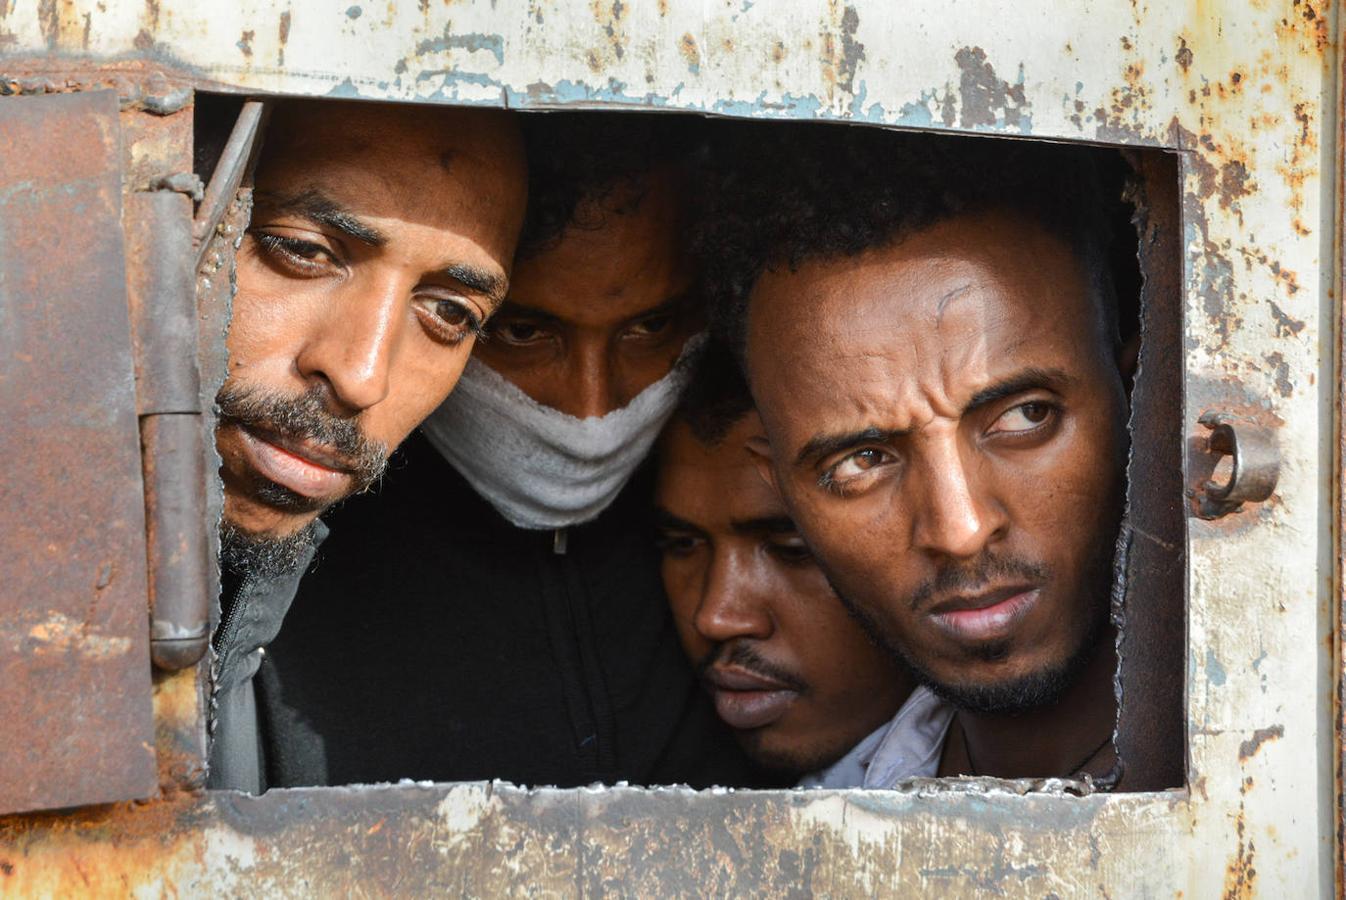 En los últimos meses, su situación se ha vuelto aún más peligrosa a causa del recrudecimiento del conflicto interno. Sin embargo, a pesar de los reiterados llamamientos para su protección y evacuación inmediata, refugiados y migrantes siguen expuestos a un altísimo riesgo. Mientras esto sucede, más personas están siendo devueltas por la Guardia Costera libia apoyada por la UE al mismo ciclo de violencia y detención que viven en el país.En otras zonas más alejadas de los combates, cientos de personas permanecen encerradas por tiempo indefinido en condiciones dañinas, expuestas a abusos y muertes, y llevadas a la desesperación.